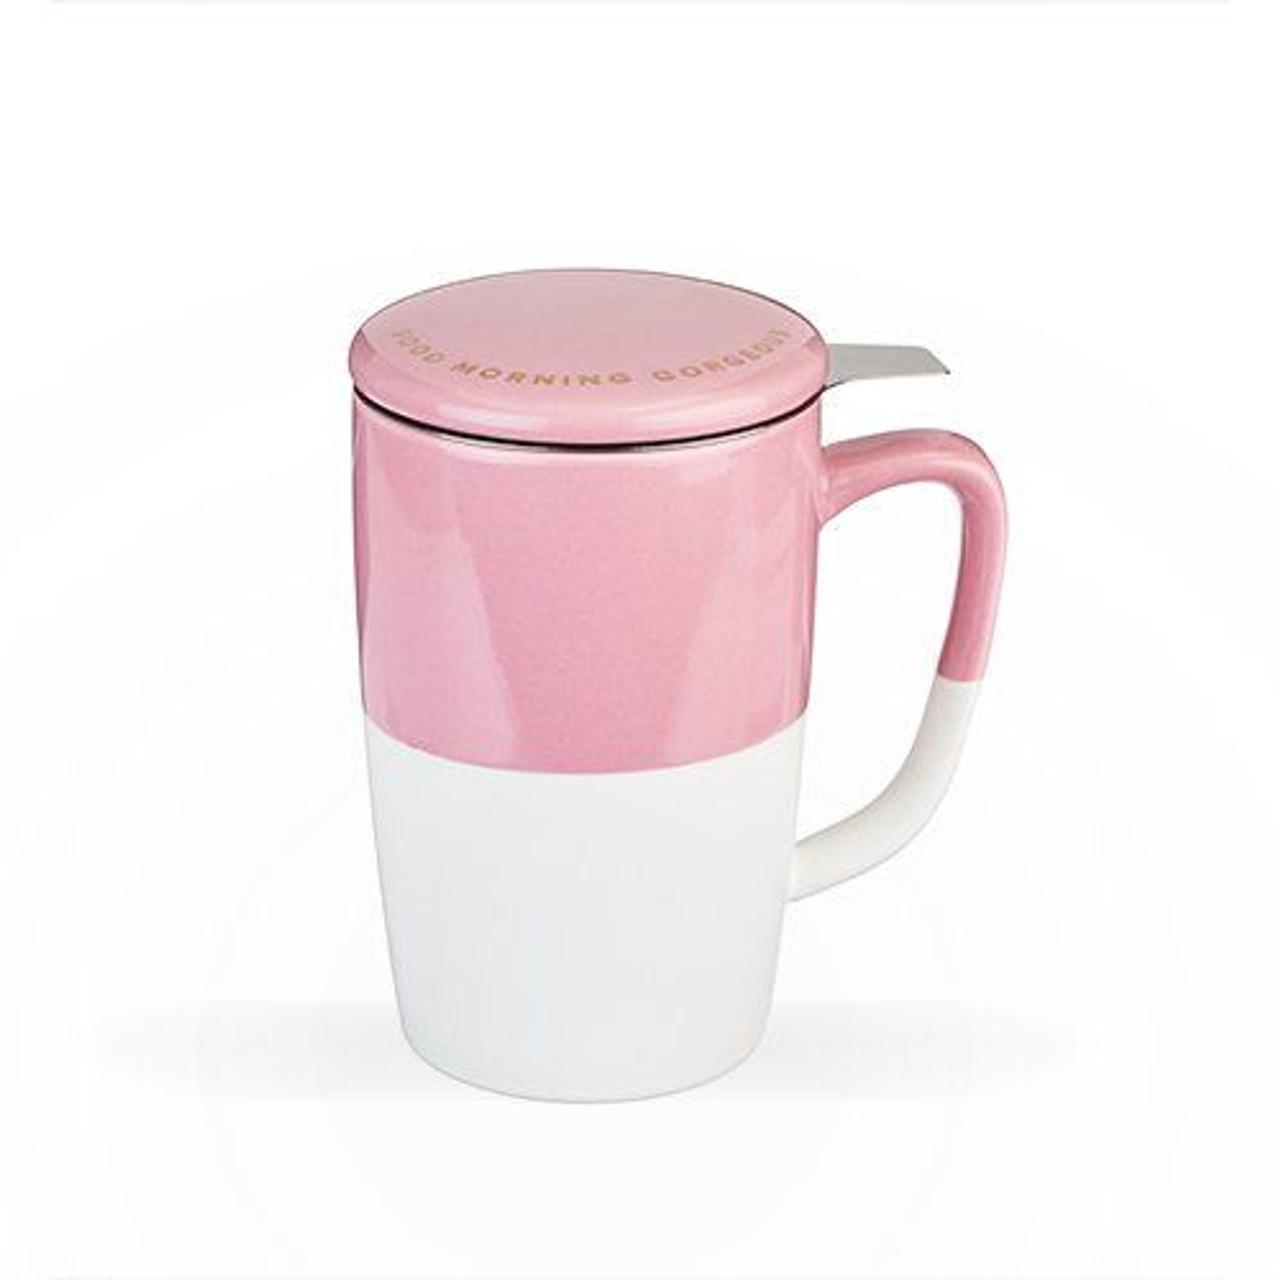 Good Morning Gorgeous - Tea Mug & Infuser - Pink